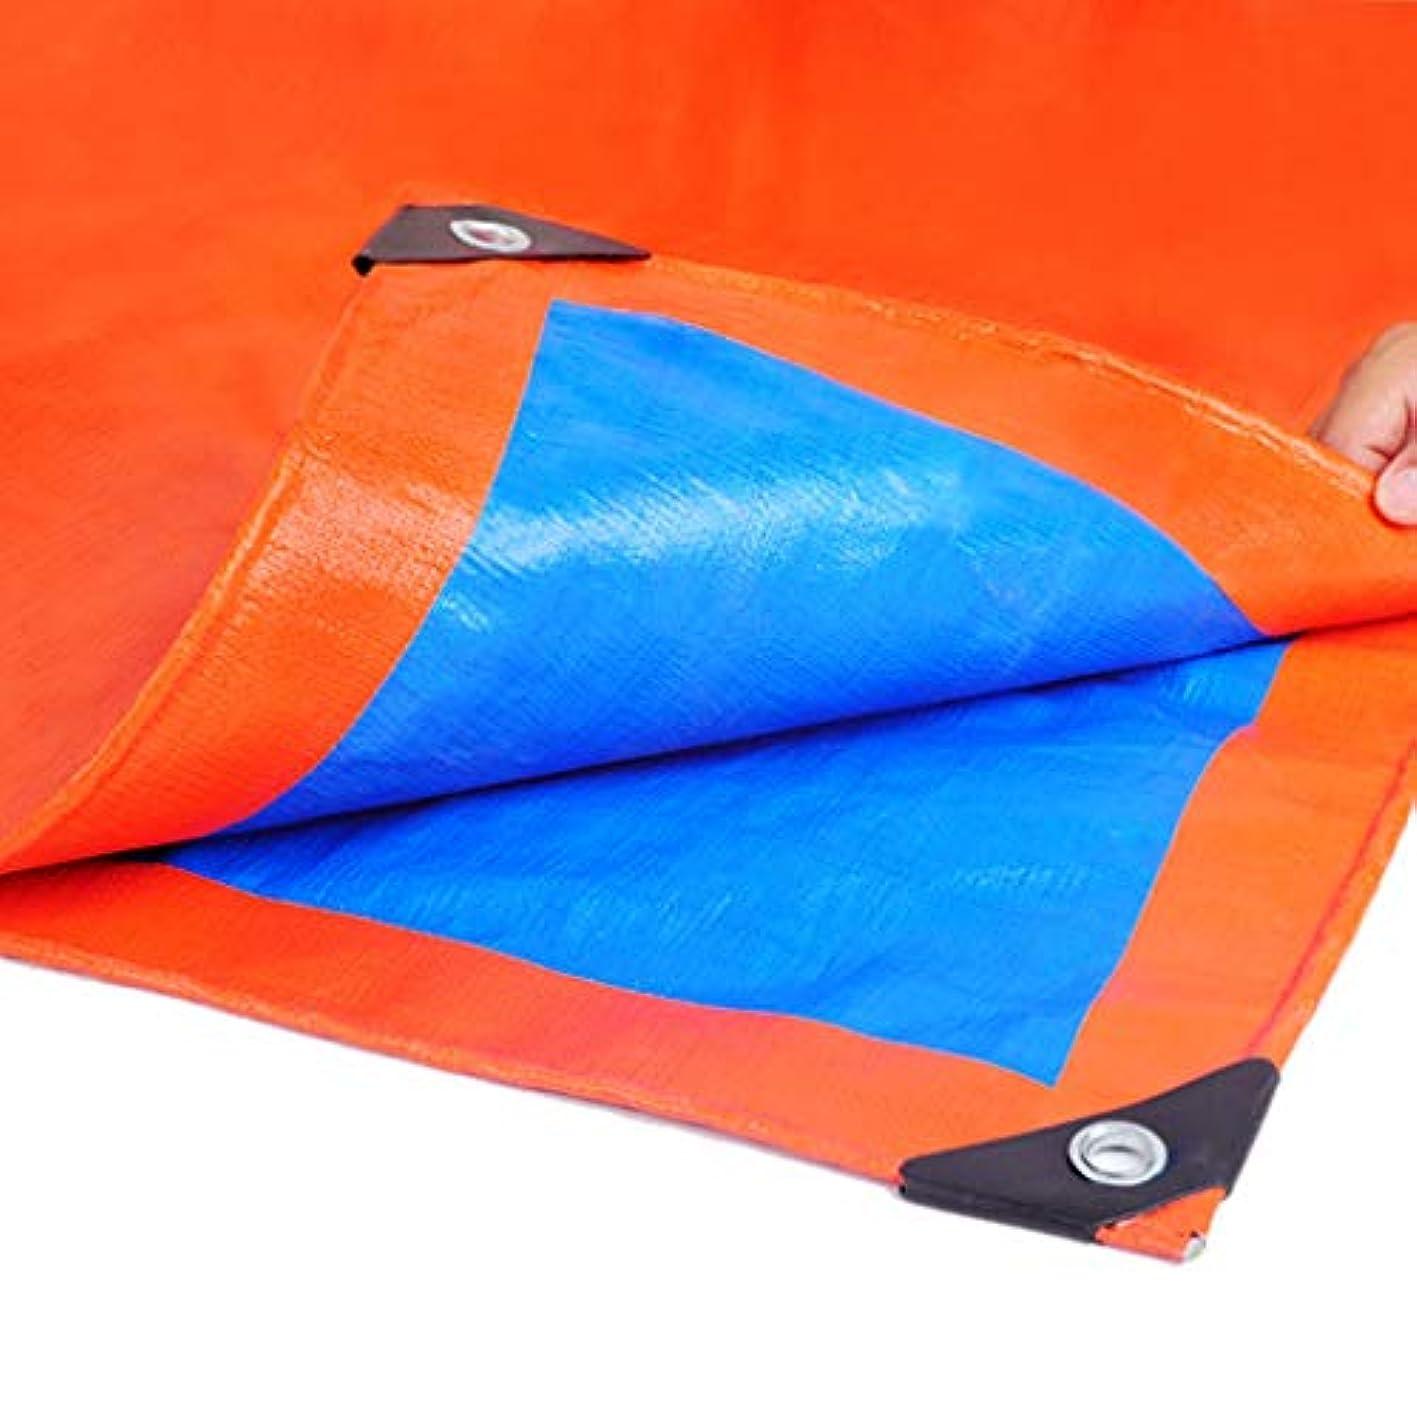 効果的に電気アプローチ強い家族保護日焼け止めアウトドアスポーツガーデニングキャンプハイキング旅行テント防水布PE布ポンチョ厚み180 g/m 2オレンジ+ブルー防水